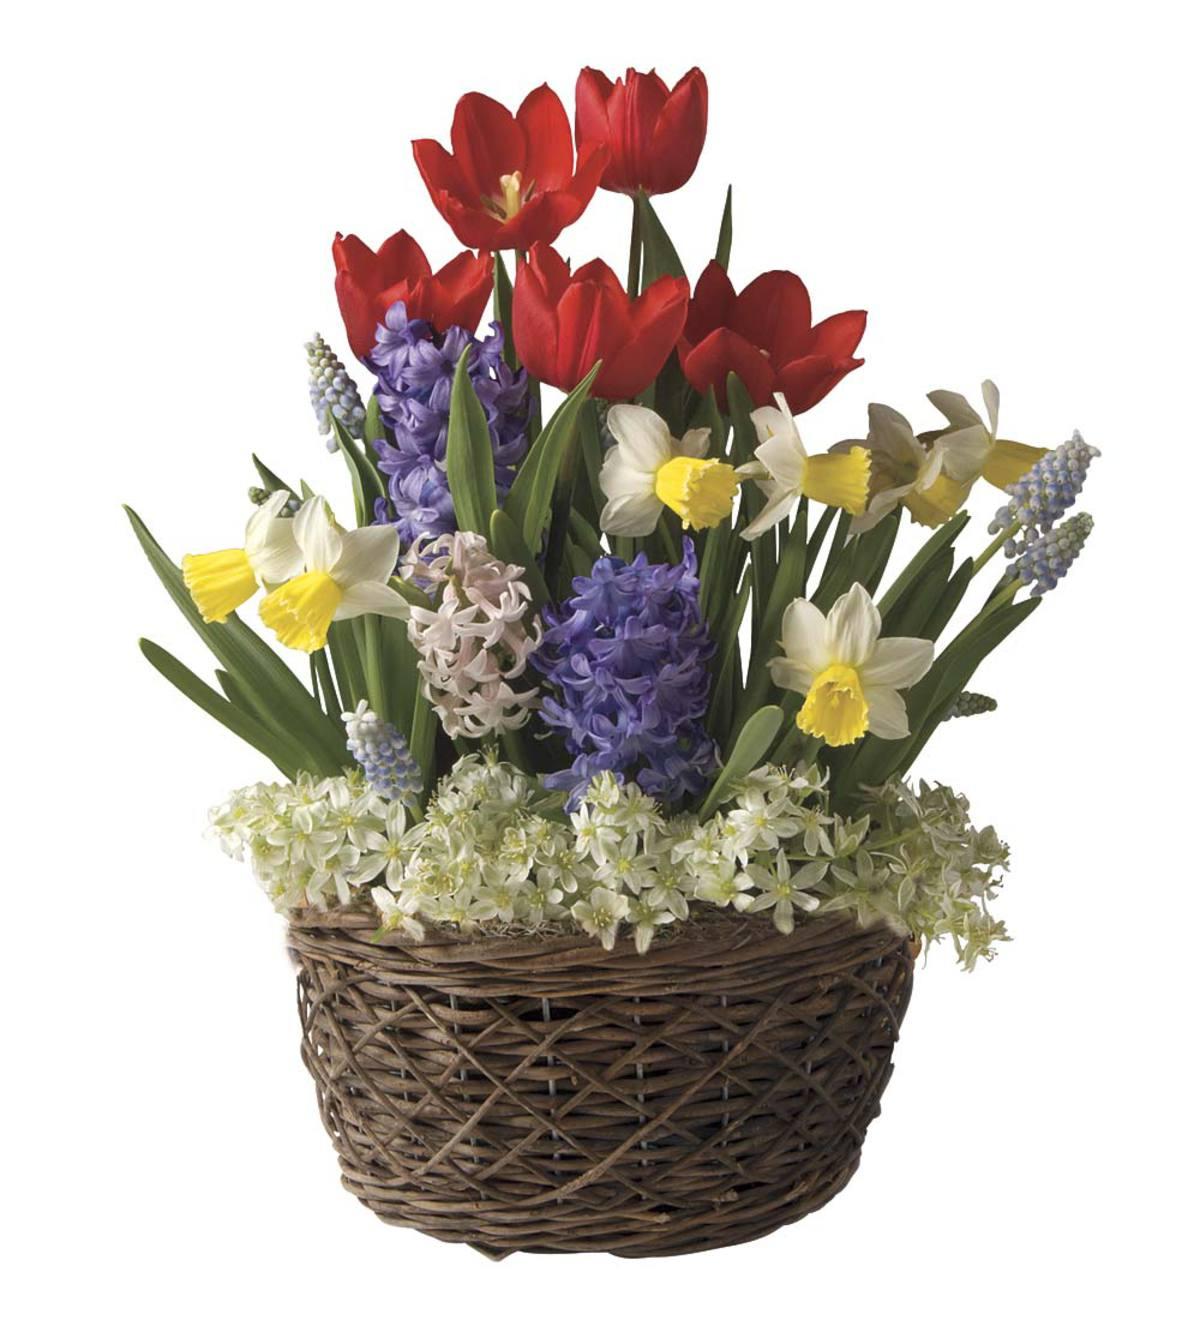 Assorted 19 Bulb Flower Bulb Gift Garden